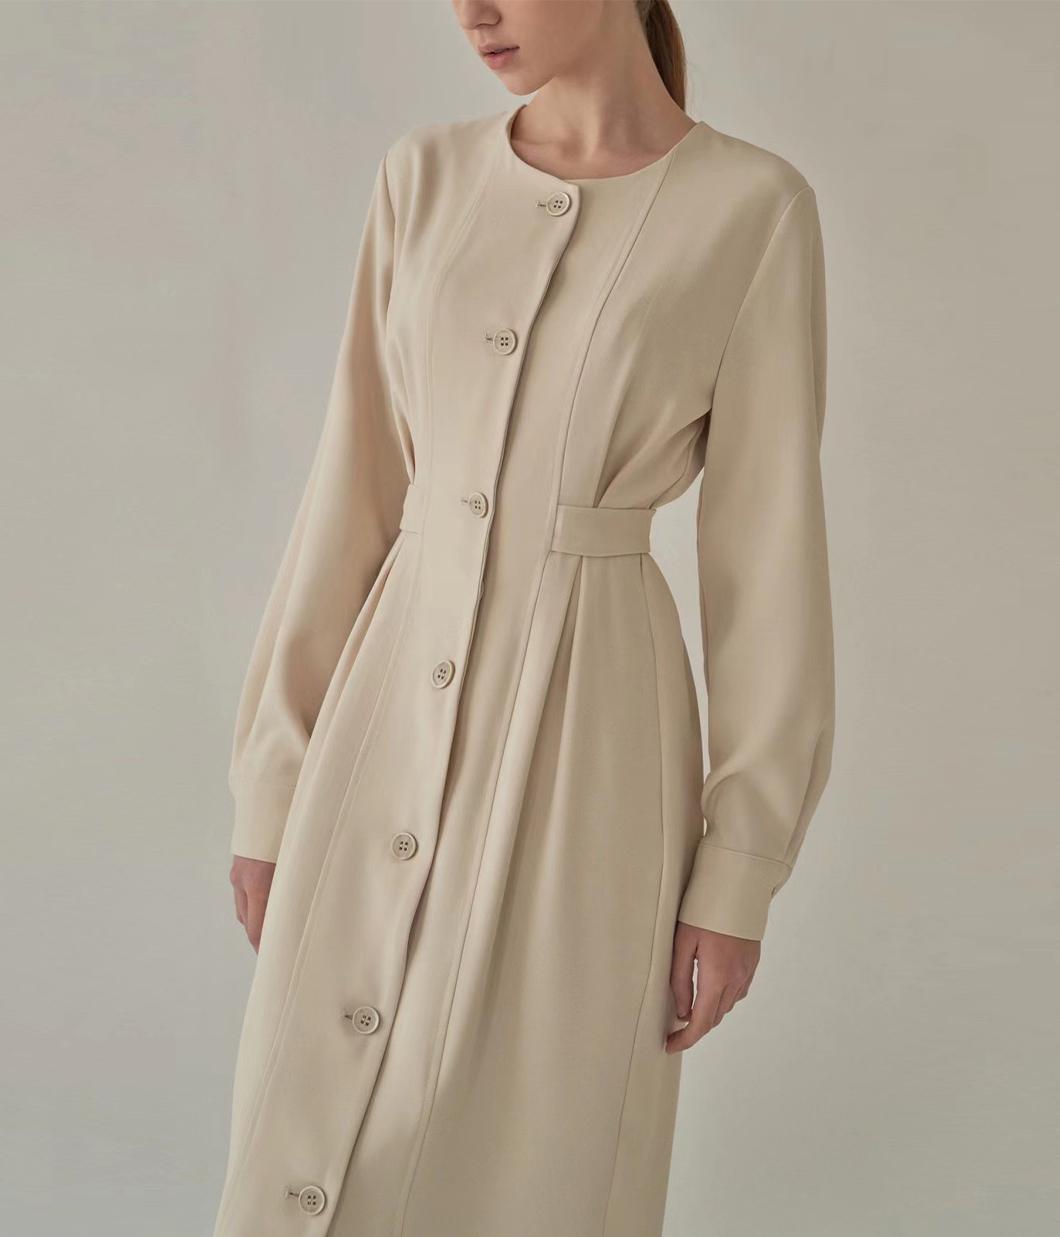 簡約質感排釦收腰洋裝